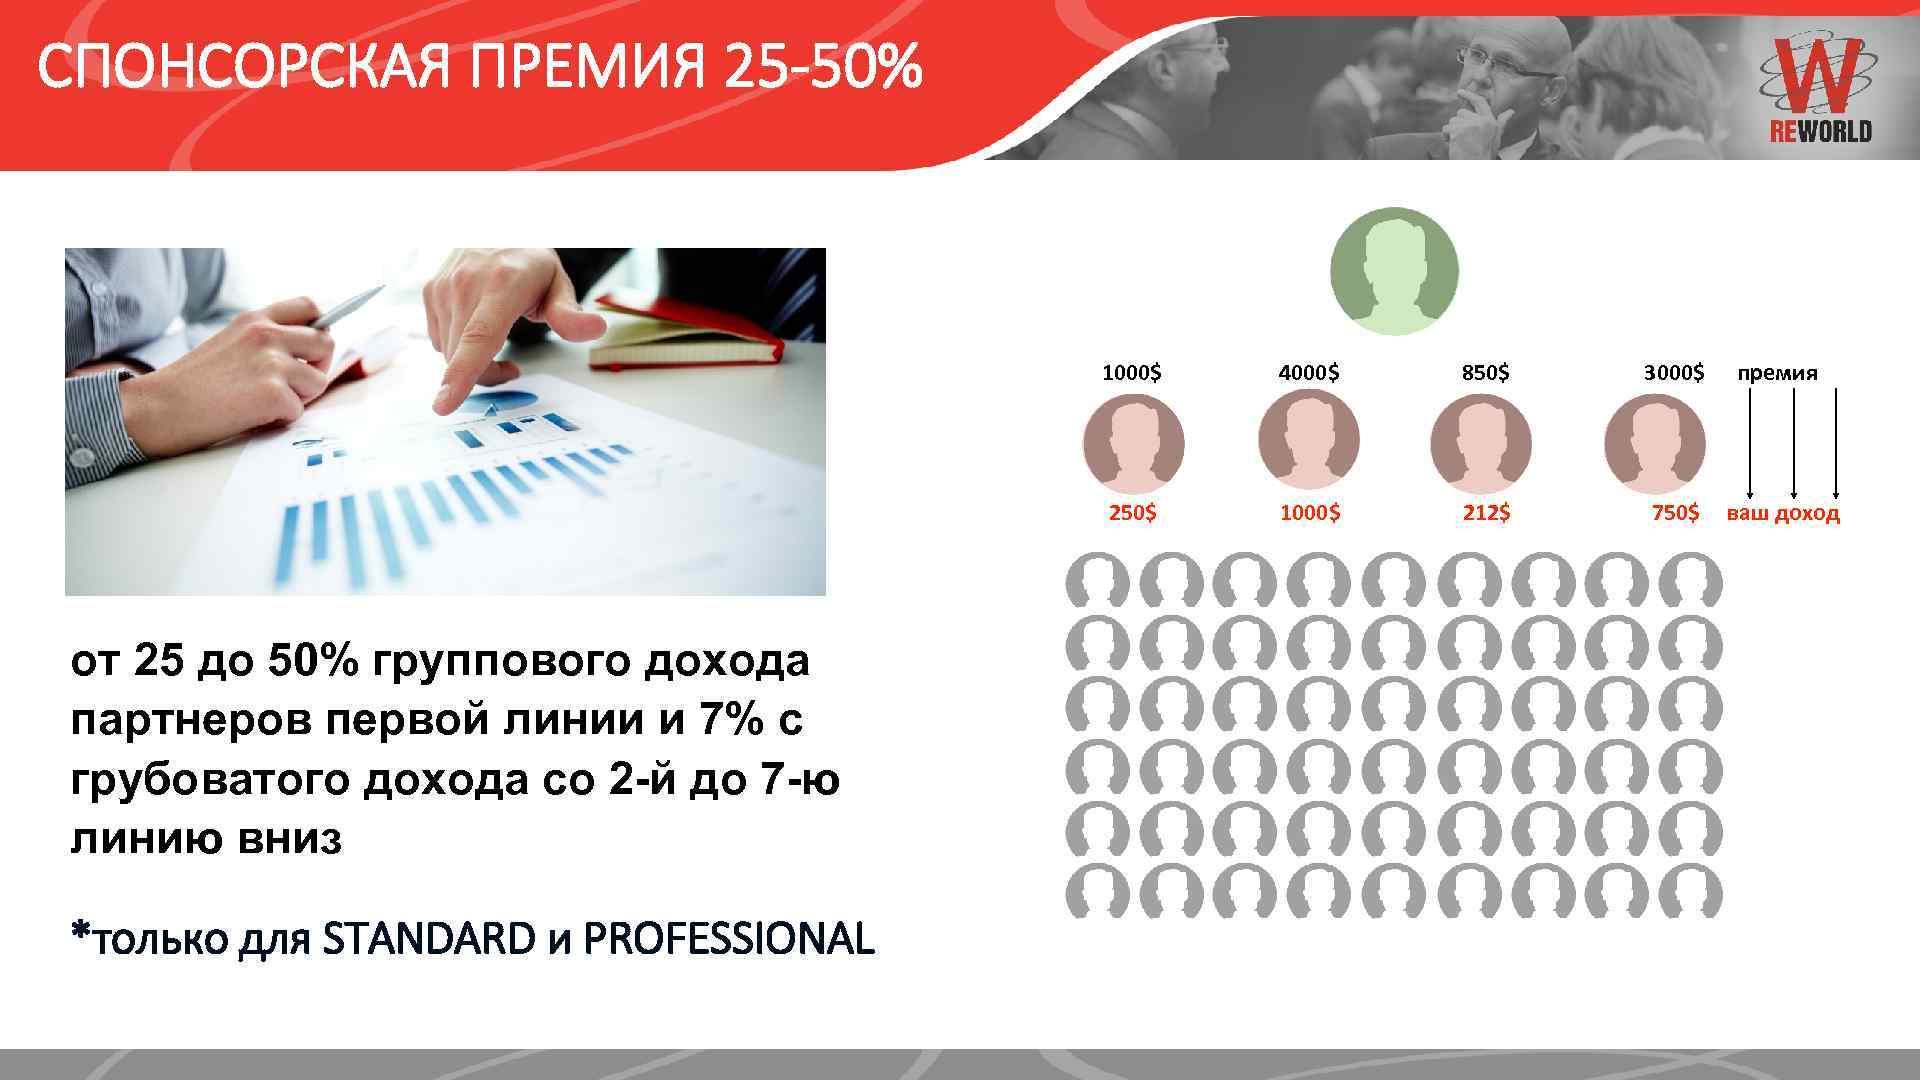 СПОНСОРСКАЯ ПРЕМИЯ 25 -50% 1000$ *только для STANDARD и PROFESSIONAL 850$ 250$ от 25